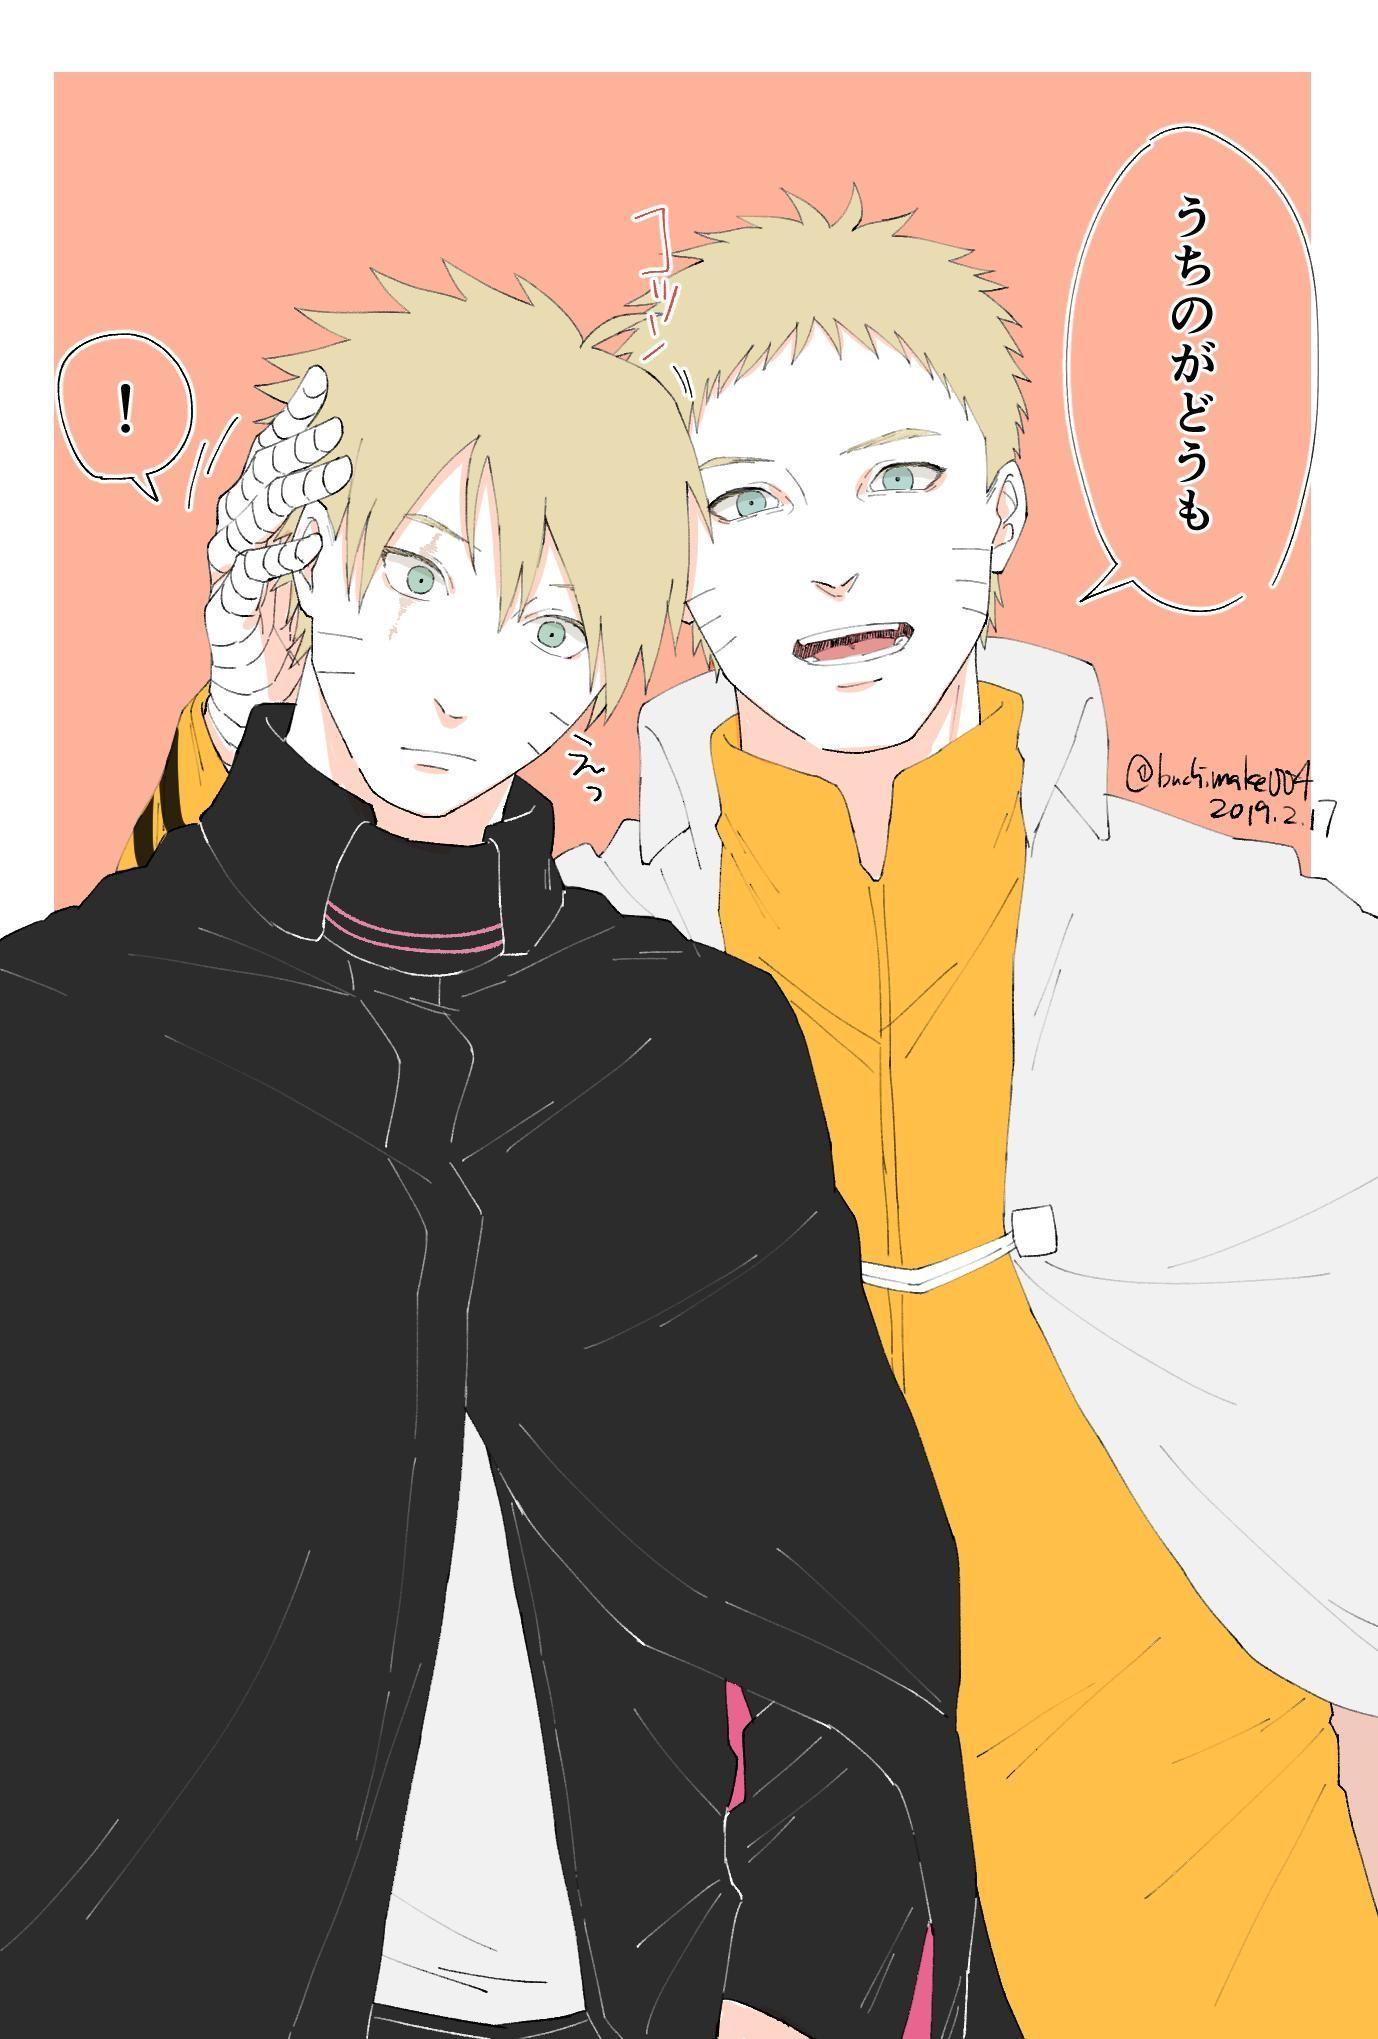 Naruto Uzumaki and Boruto Uzumaki in 2020 Naruto